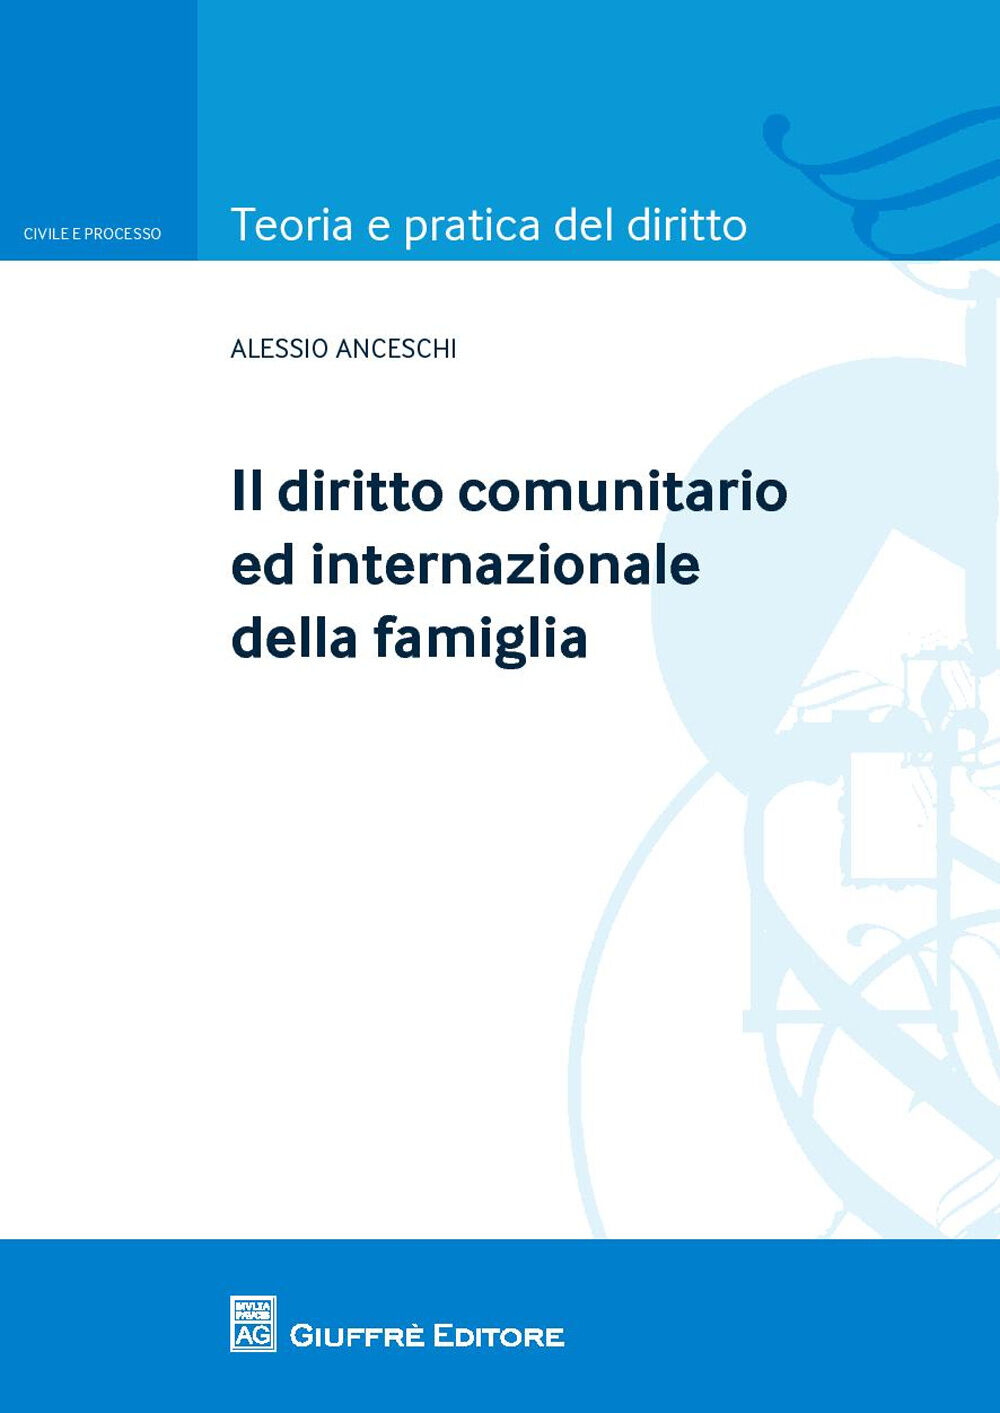 Il diritto comunitario ed internazionale della famiglia